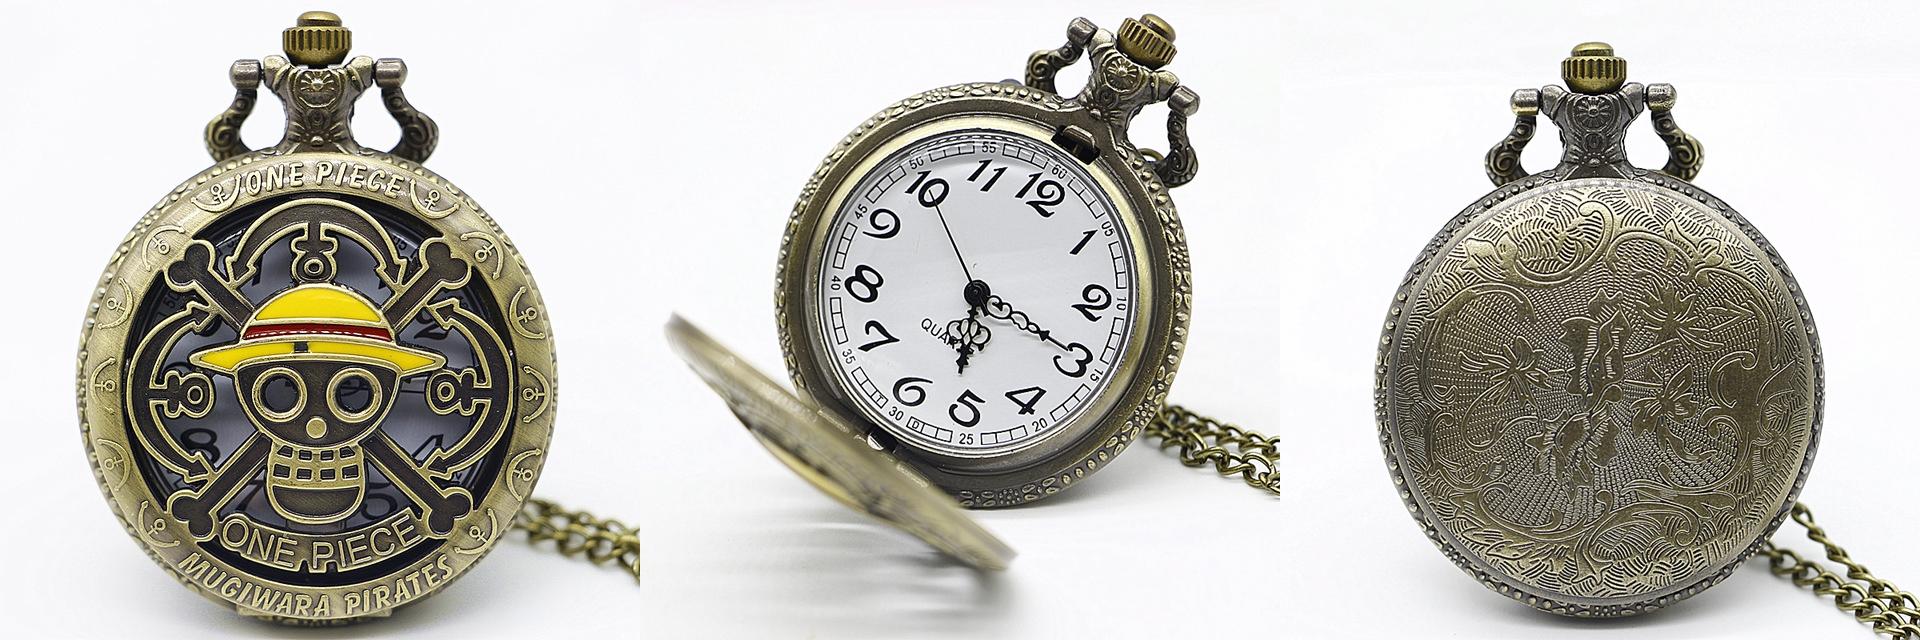 Reloj de Bolsillo One Piece 02